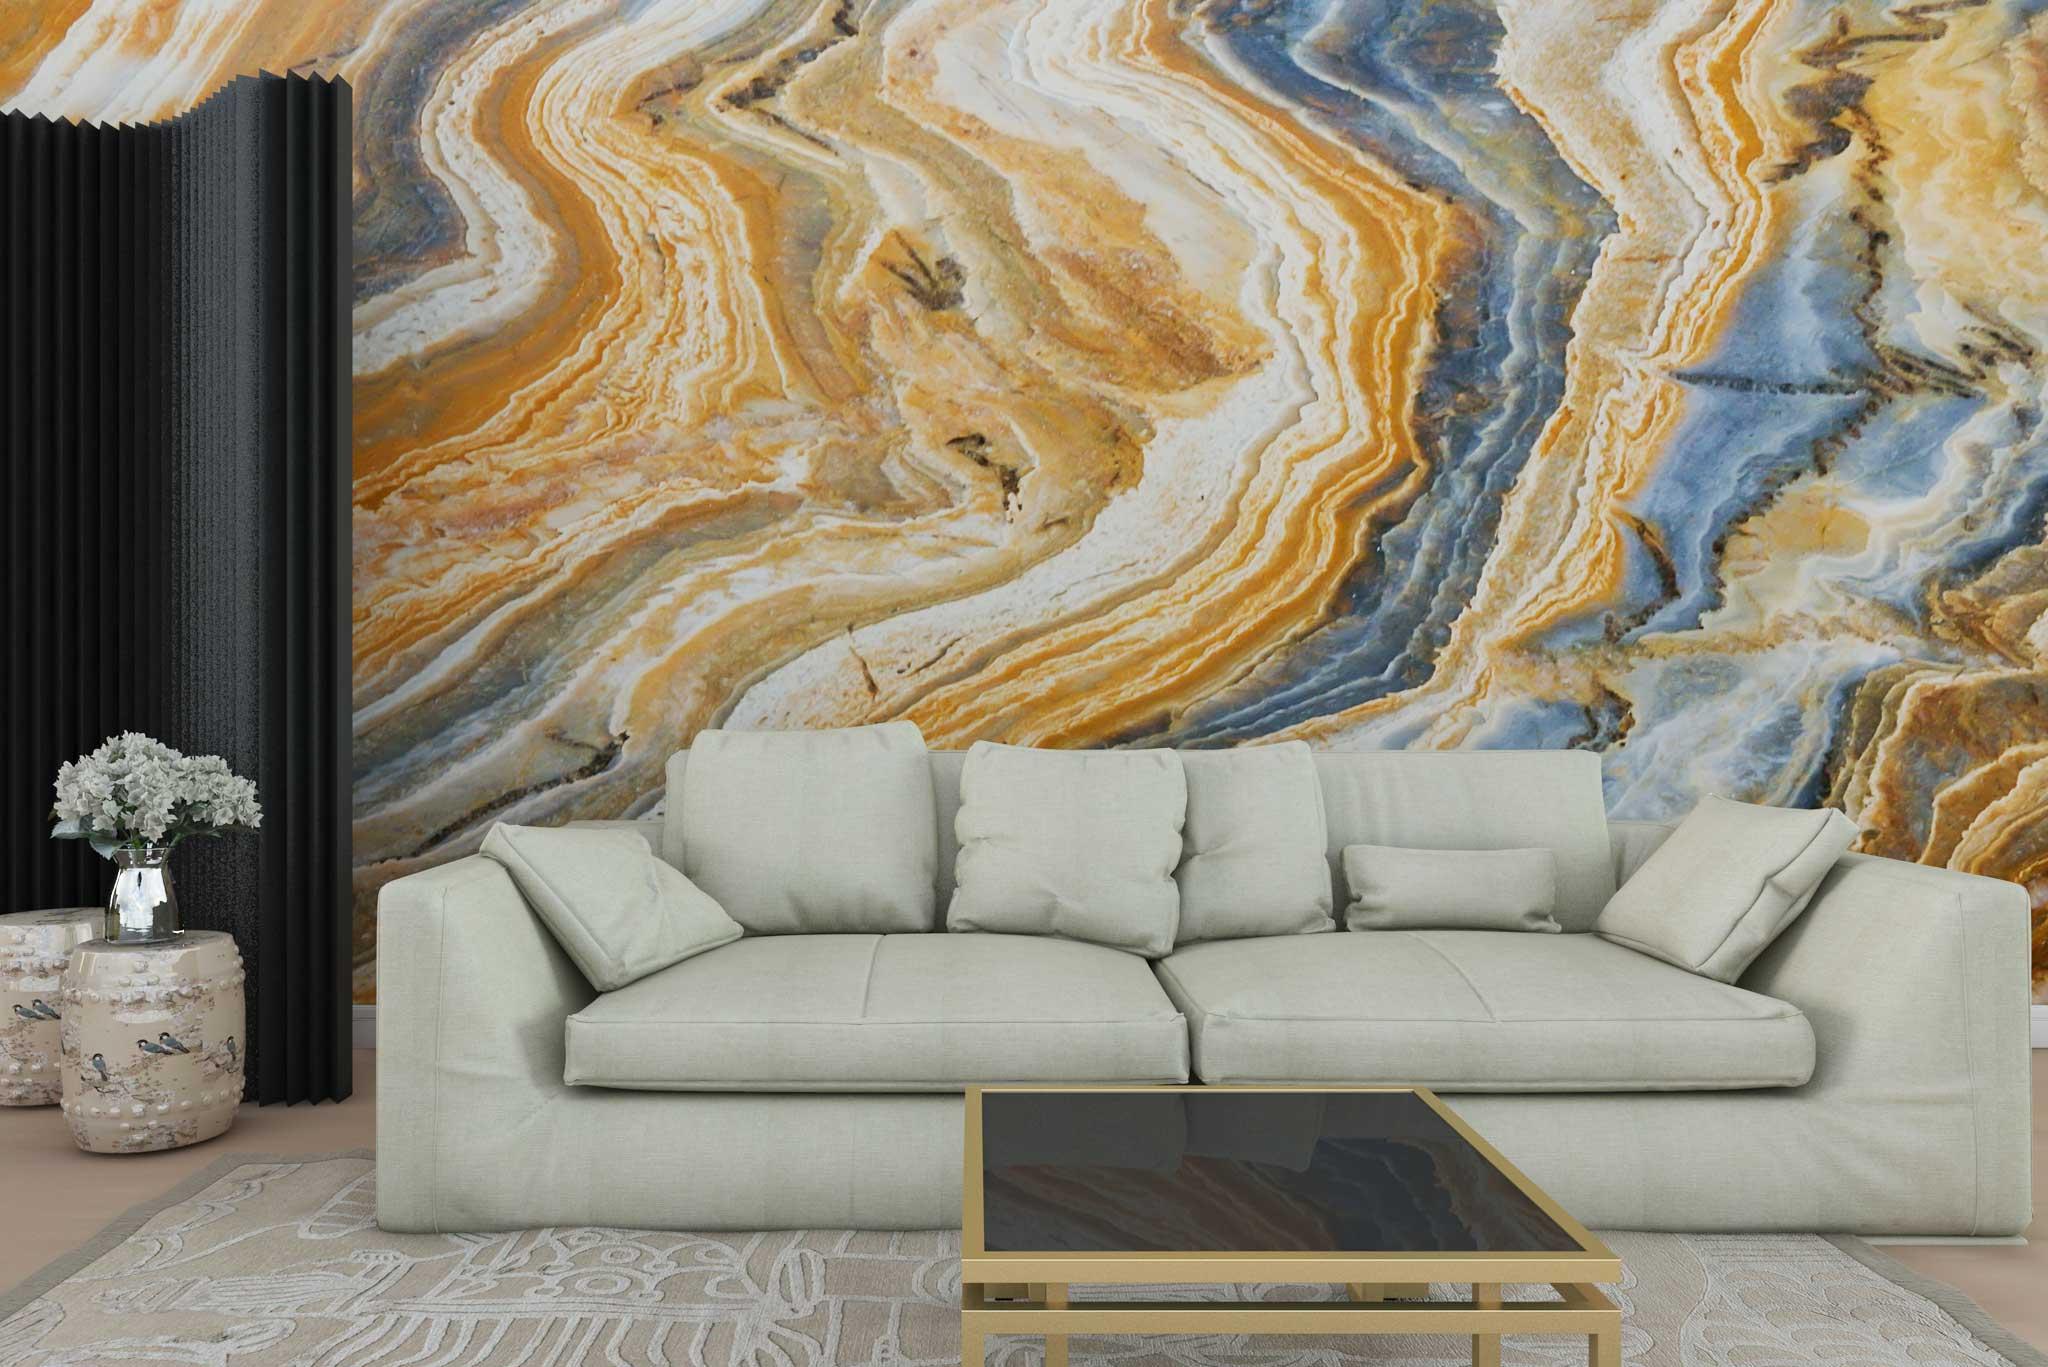 tapet-fototapet-personalizat-comanda-bucuresti-model-mineral-piatra-naturala-galben-albastru-perete-lux-special